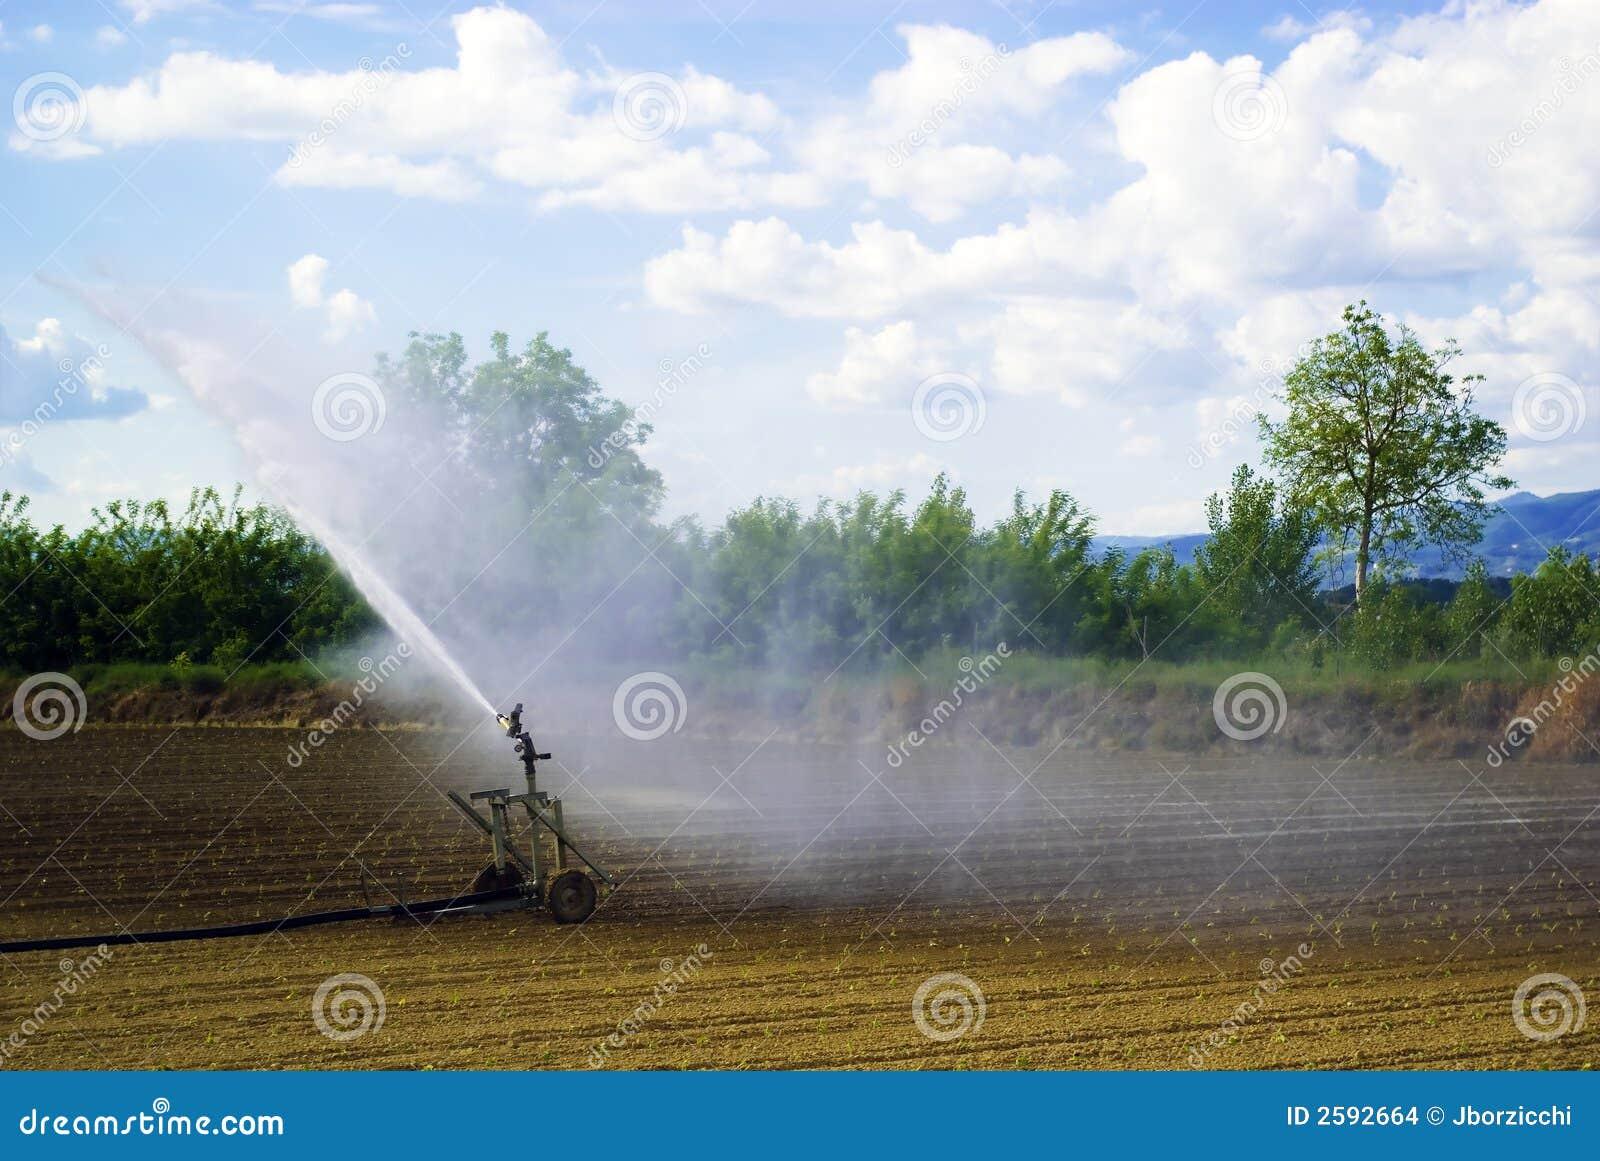 De irrigatie van het gebied, Italië